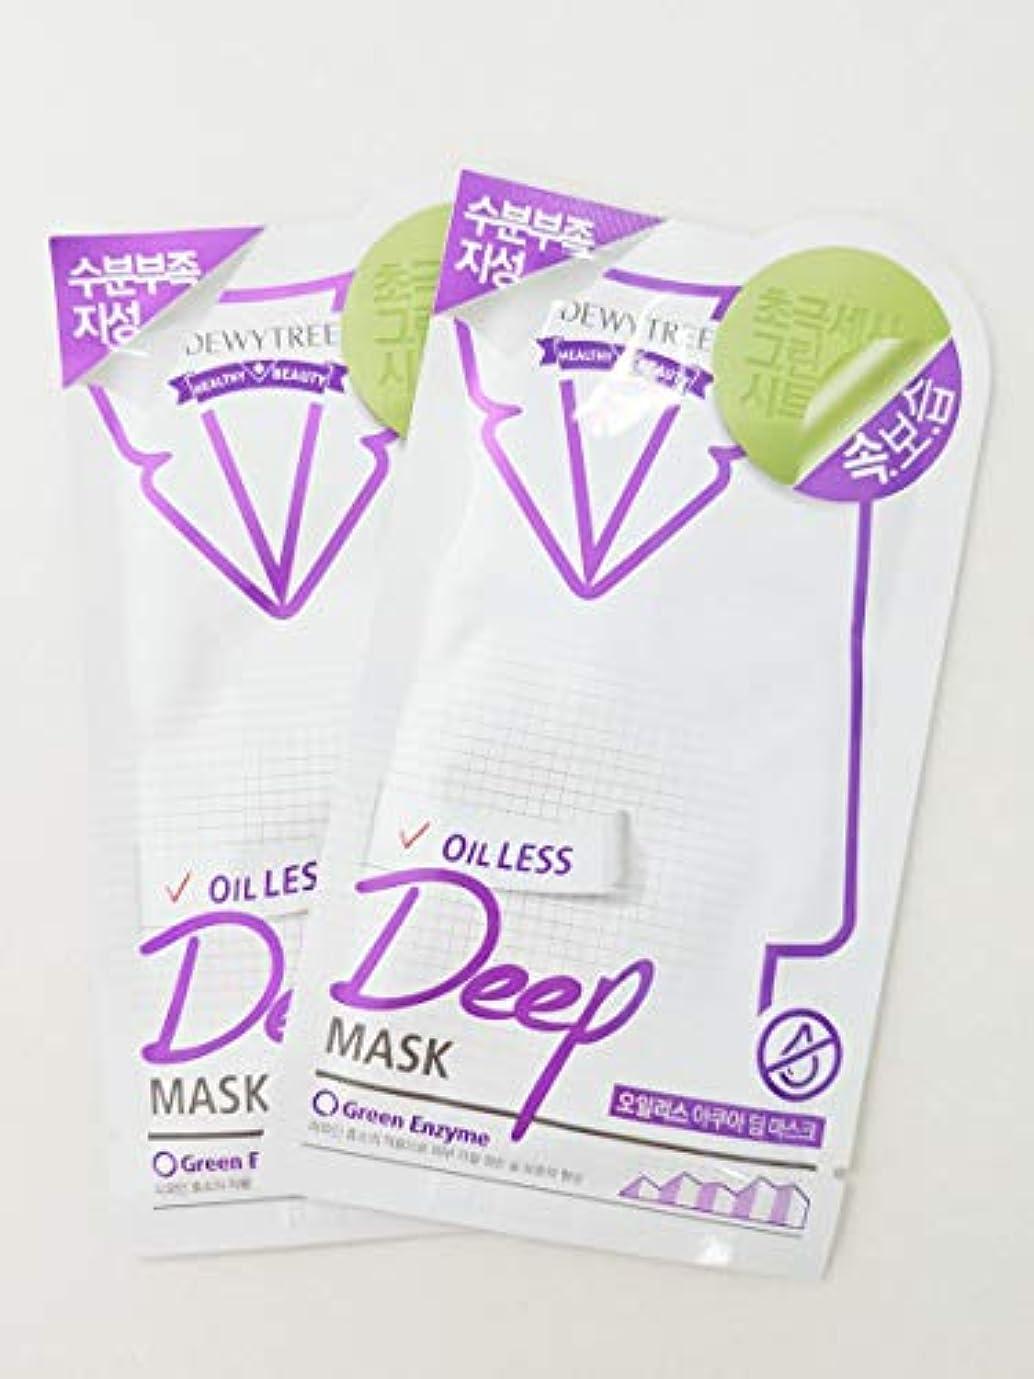 口実医療過誤怠な(デューイトゥリー) DEWYTREE オイルレスアクアディープマスク 20枚 Oilless Aqua Dip Mask 韓国マスクパック (並行輸入品)